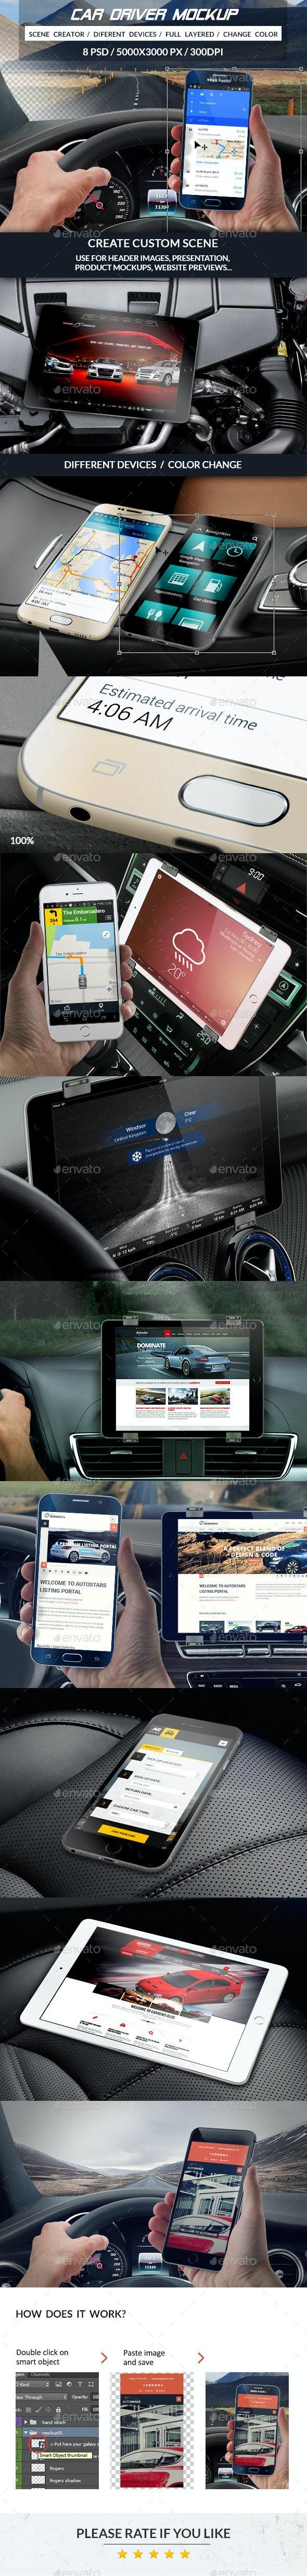 Car Driver Mockup - Mobile Displays